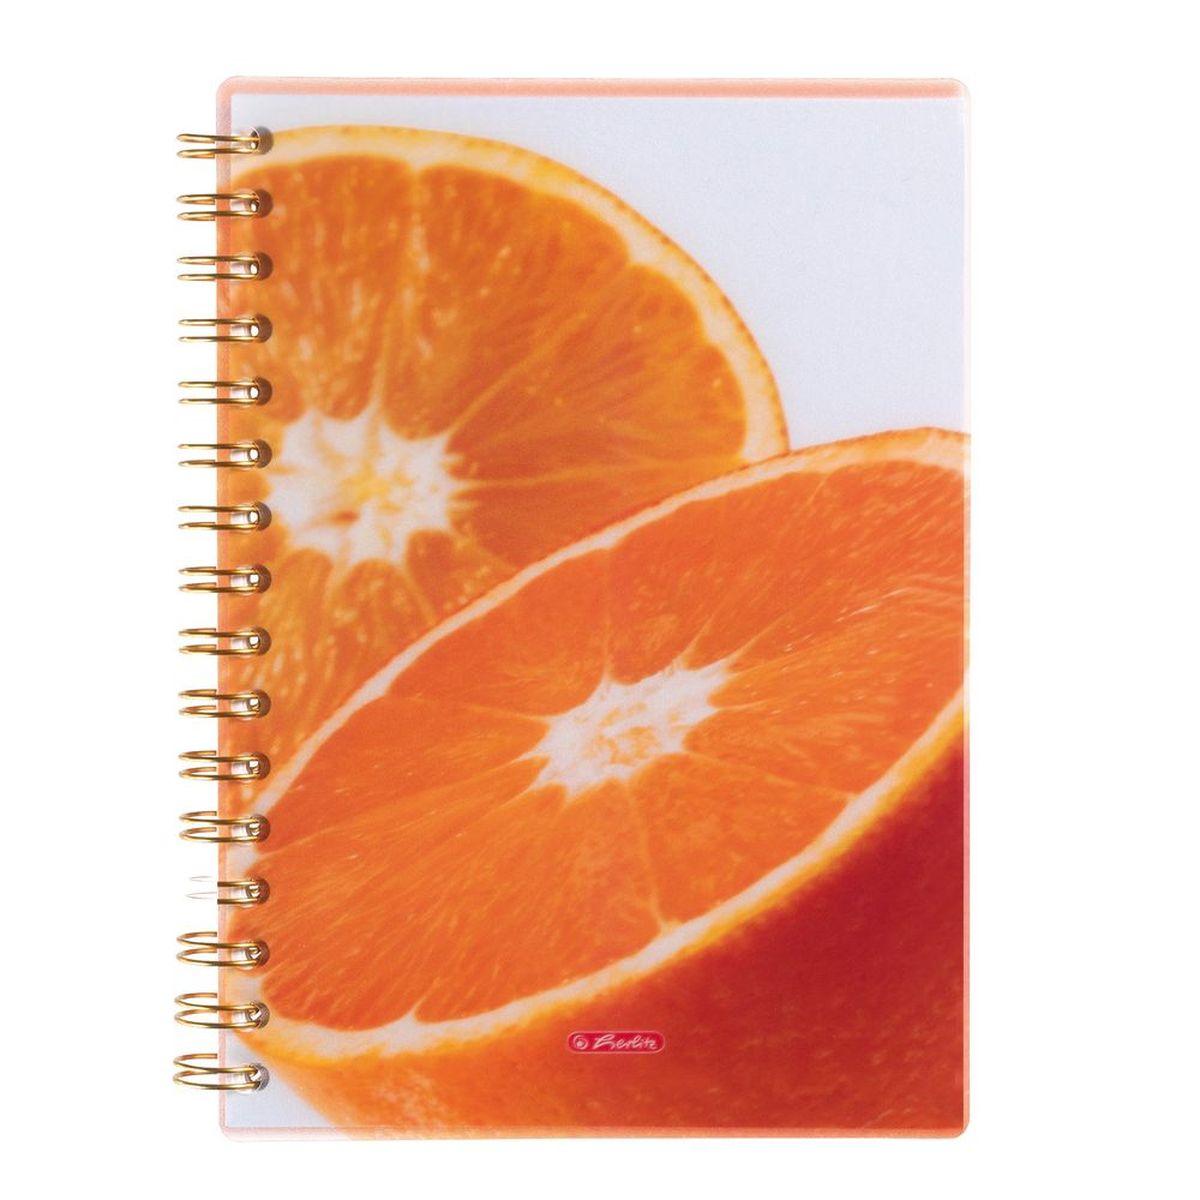 Herlitz Тетрадь Апельсин 100 листов в клетку формат А5 10927341